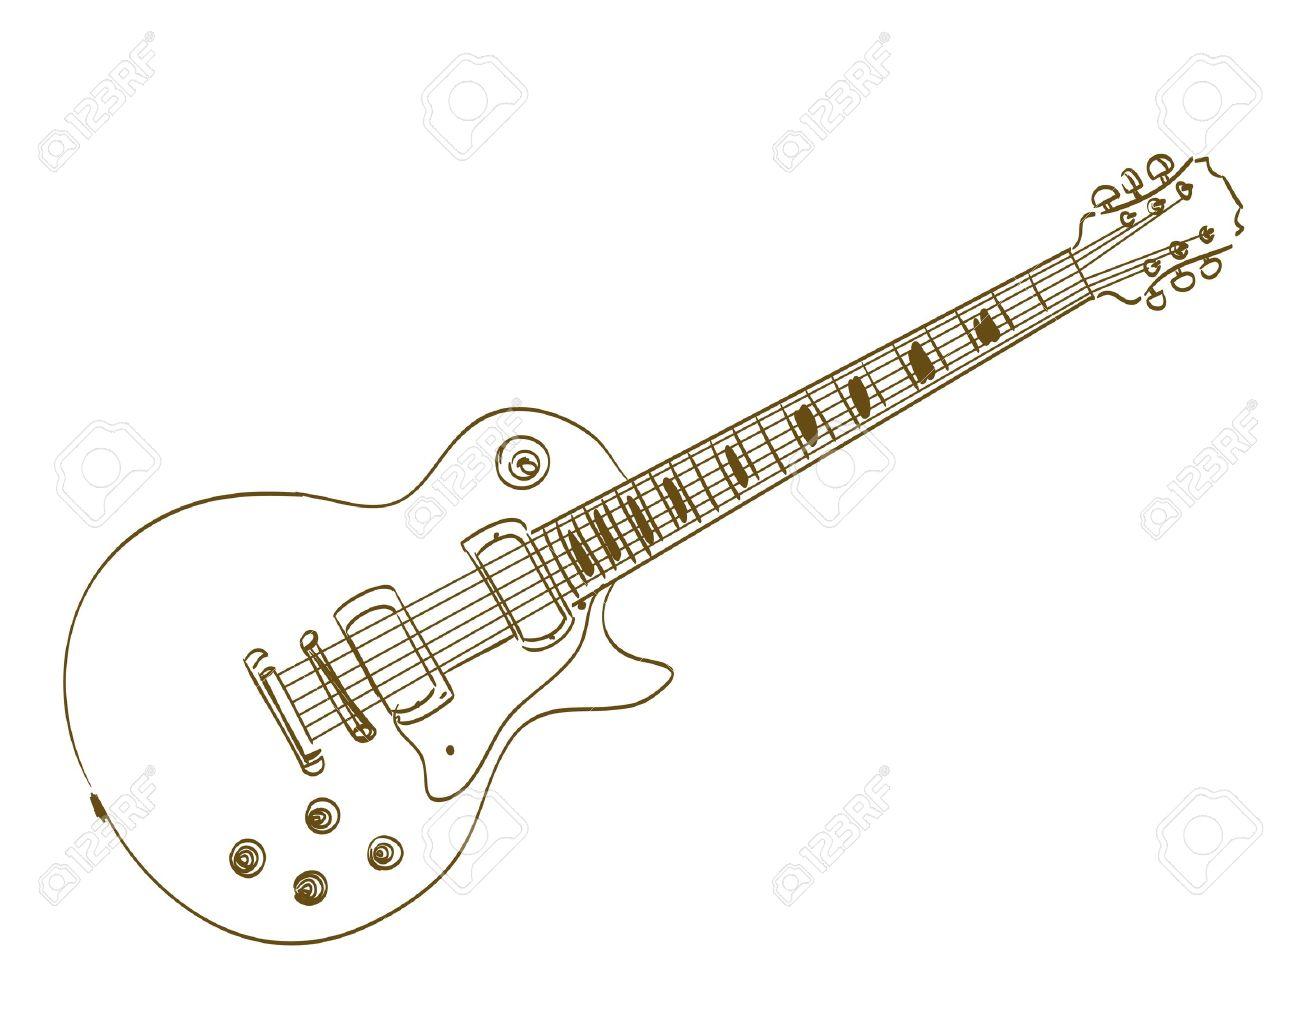 Wunderbar Elektrische Gitarre Galerie - Elektrische Schaltplan-Ideen ...